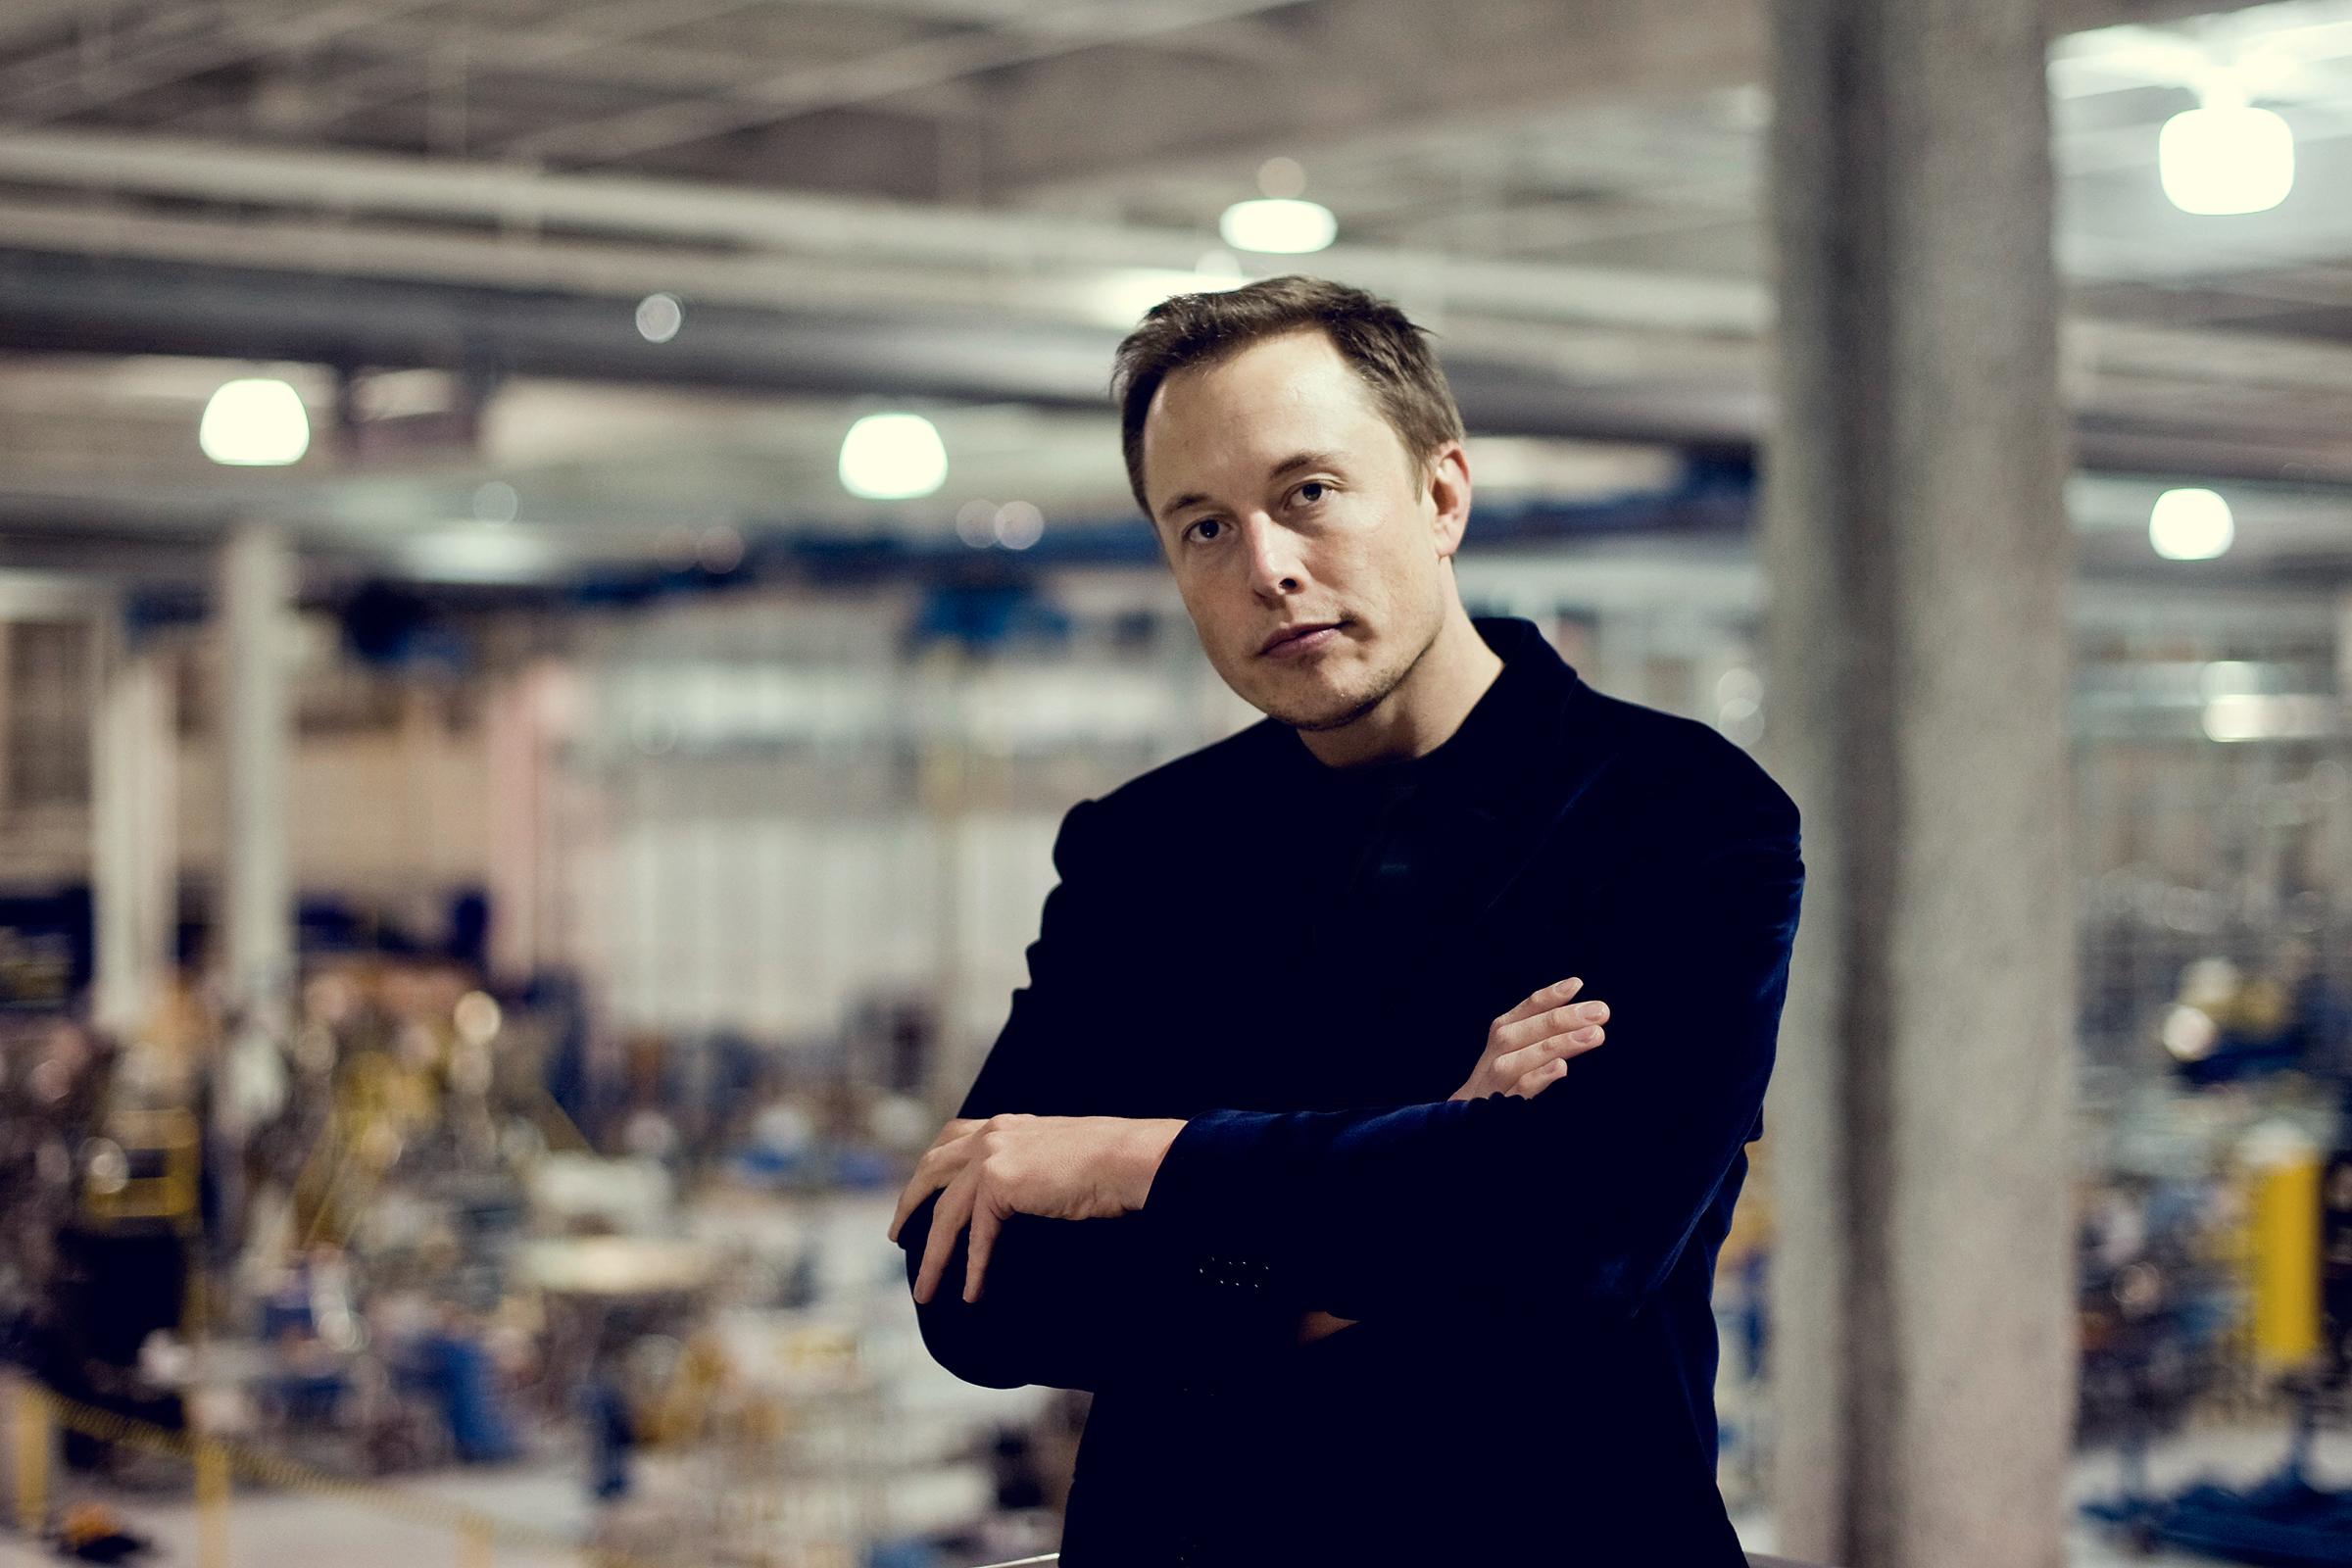 Директорский состав  Tesla может отнять  должности Илона Маска